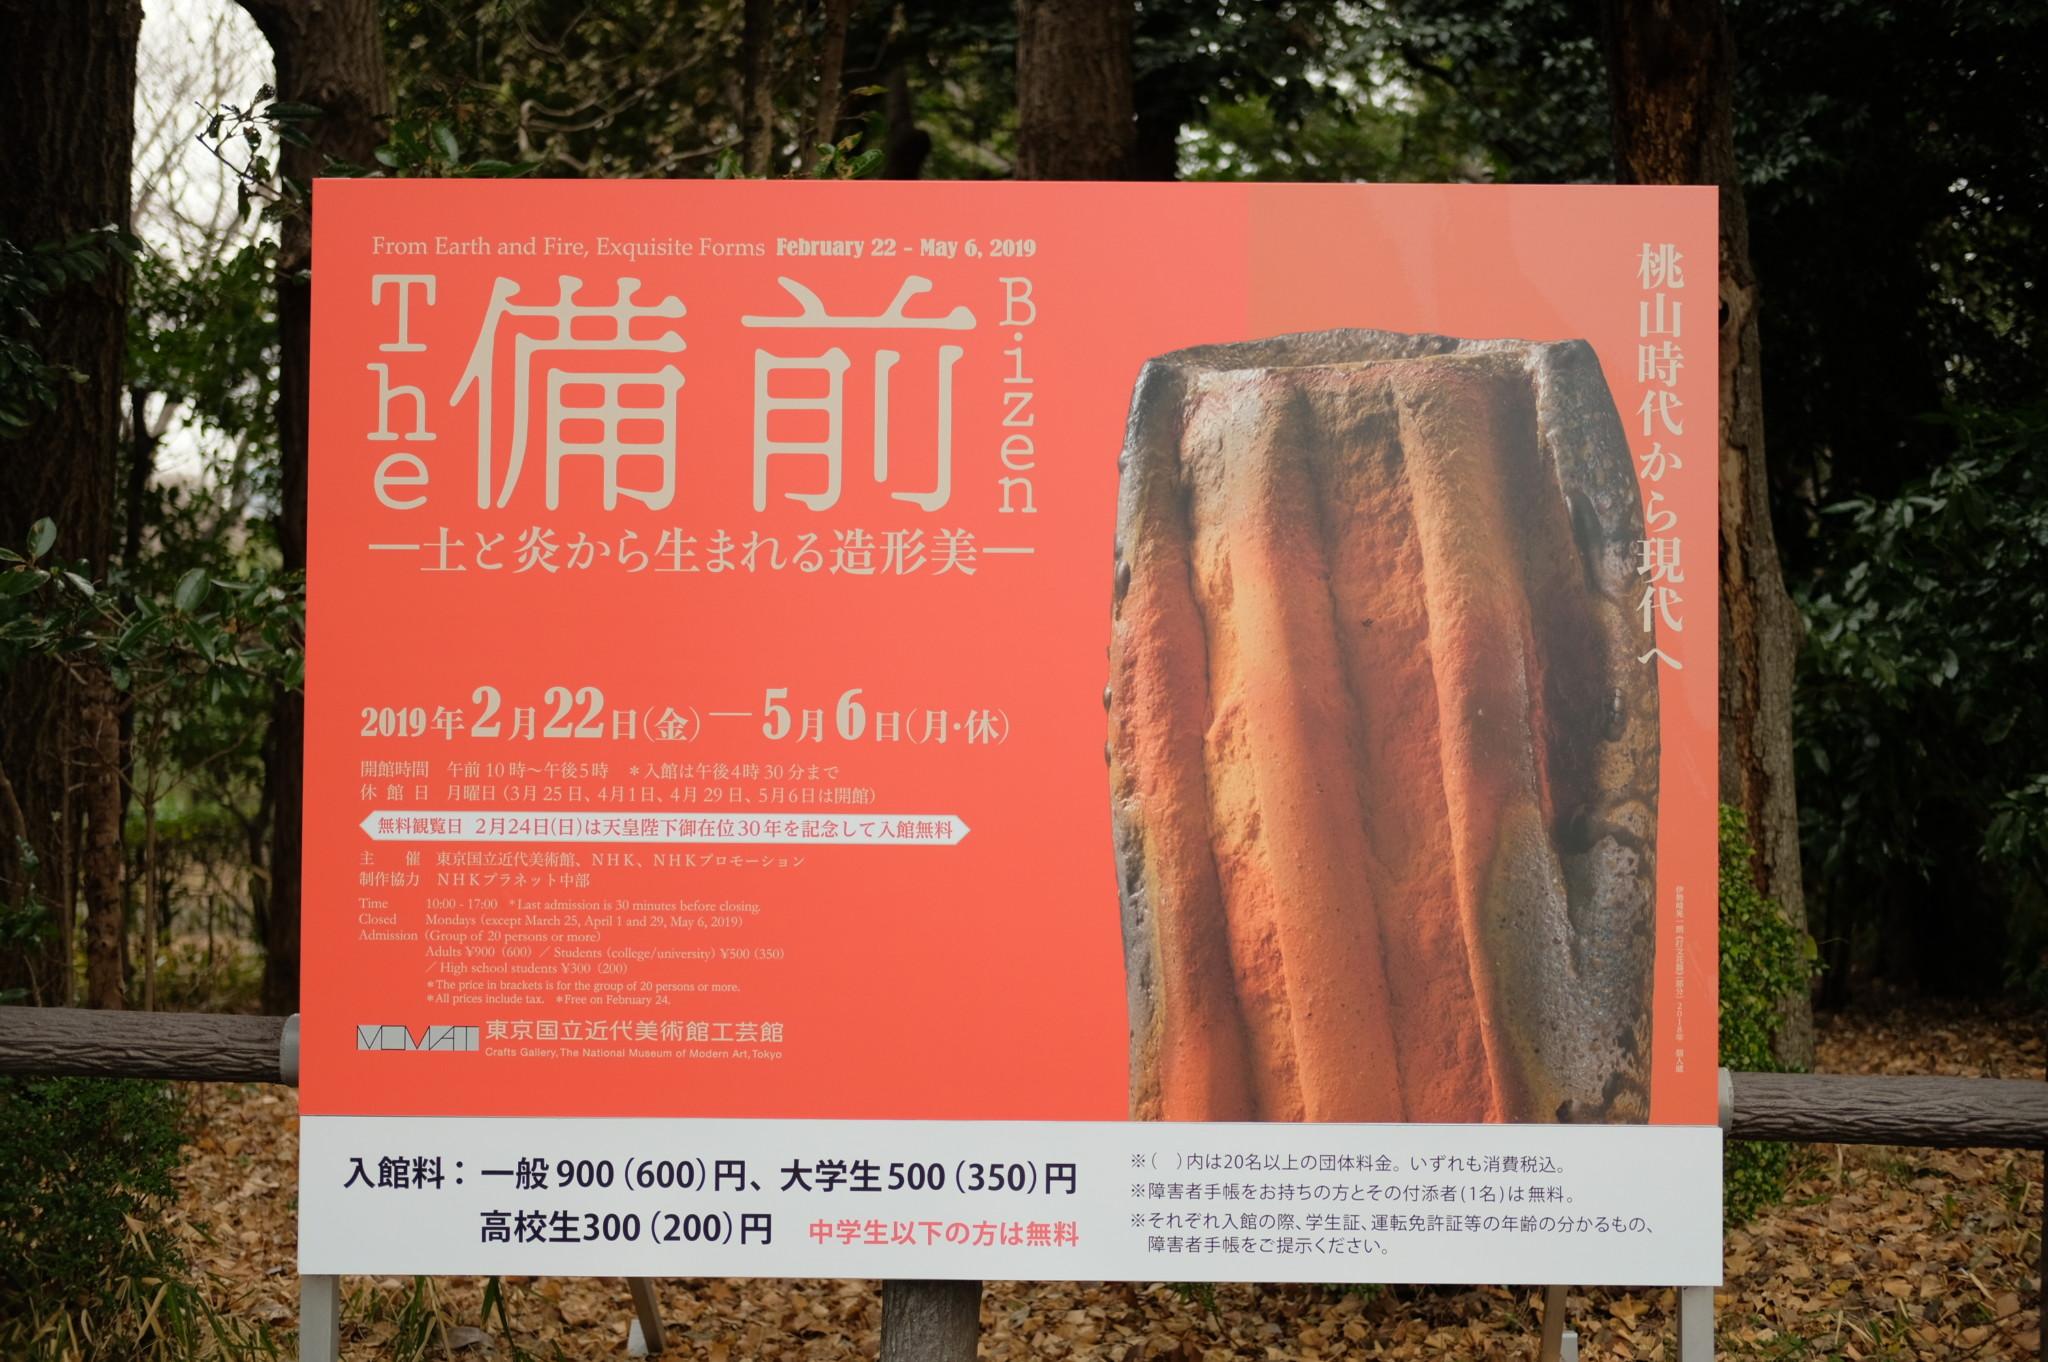 The 備前―土と炎から生まれる造形美―@東京国立近代美術館工芸館